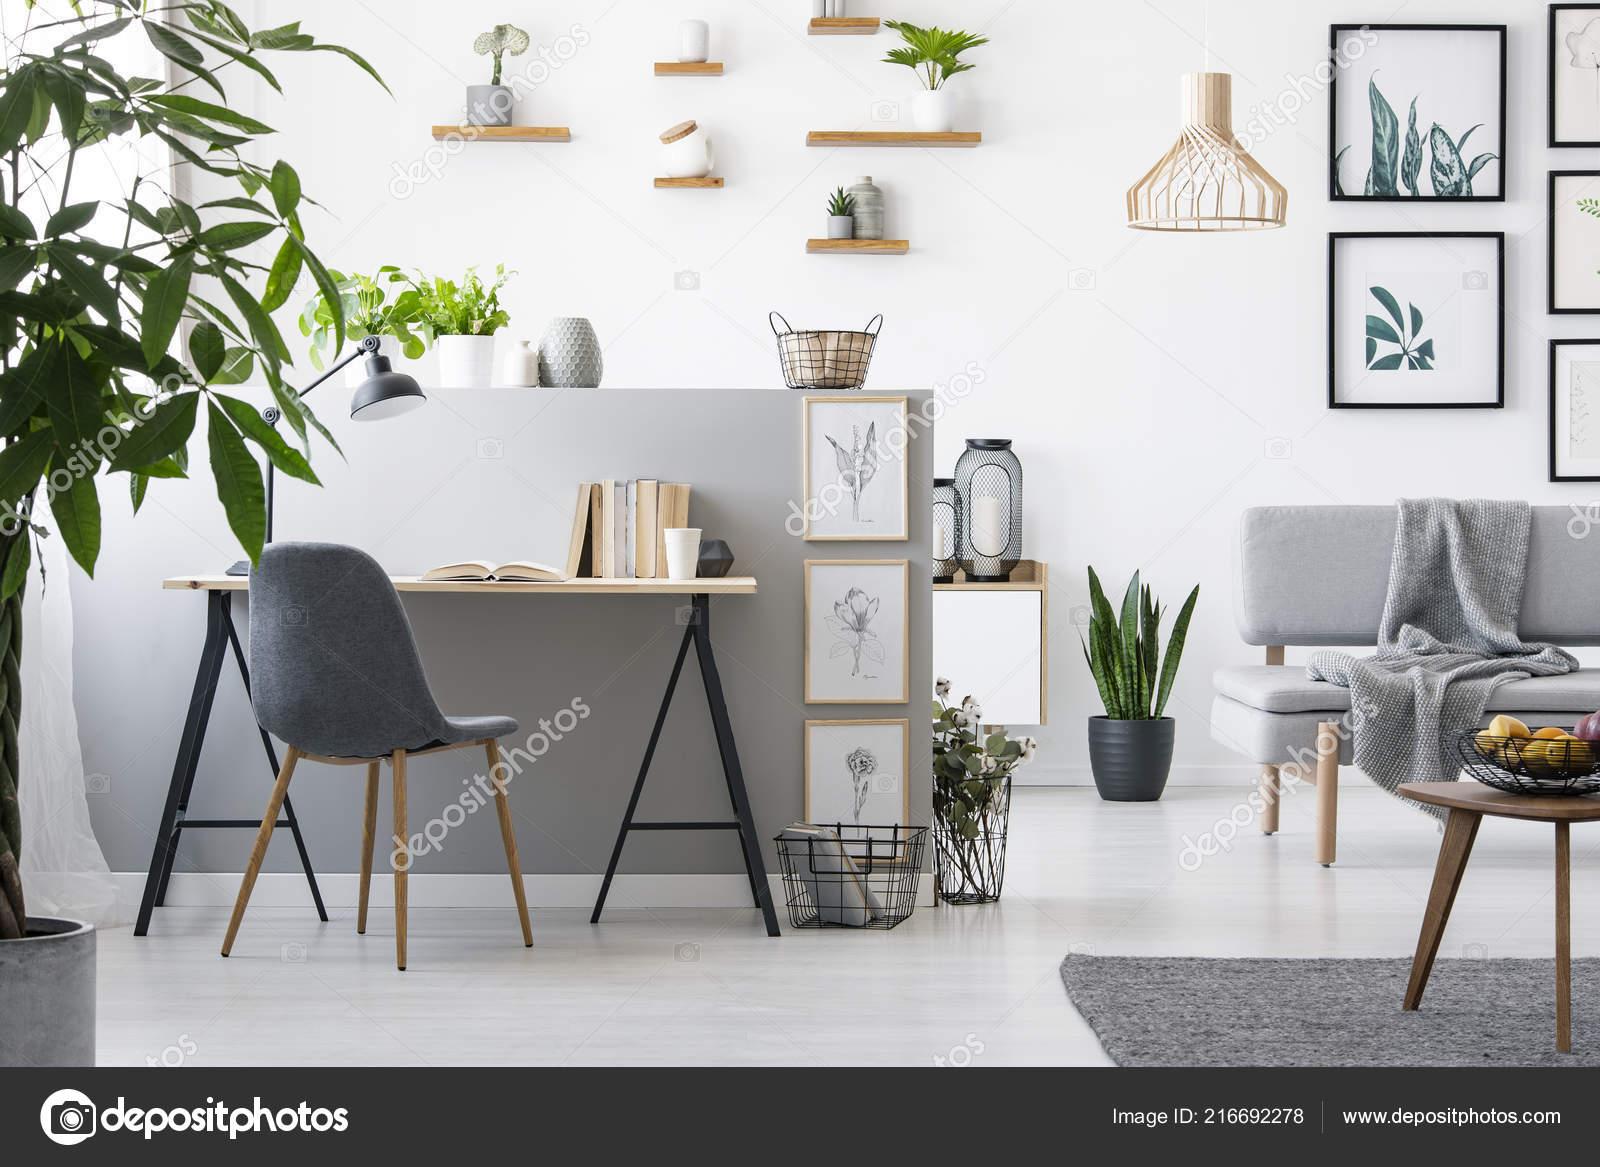 Photo réelle intérieur bureau maison avec une salle séjour meubles